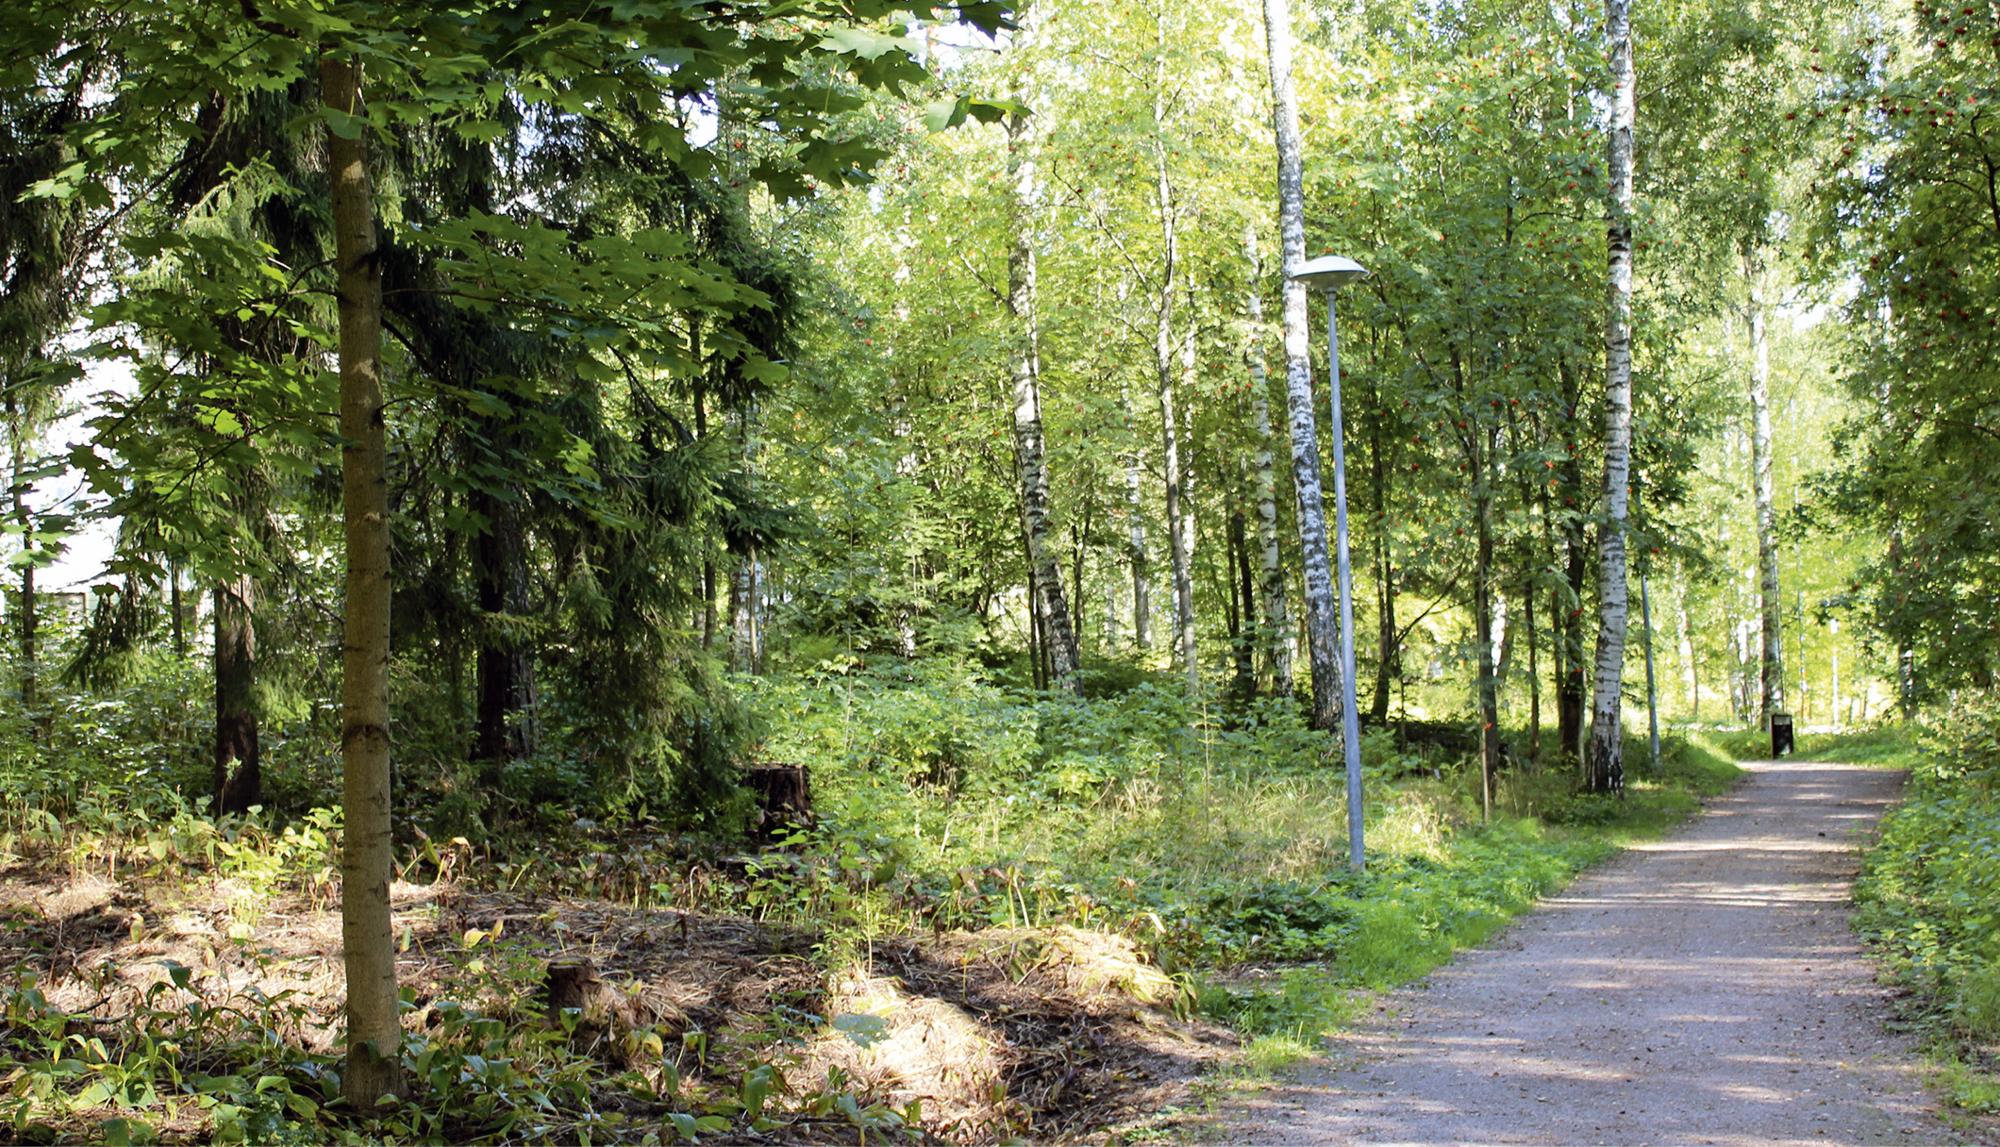 Valoisa koivu- ja mäntyvaltainen metsä tulee muuttumaan, koska kehityskelpoiset taimet ovat pääasiassa vaahteraa.